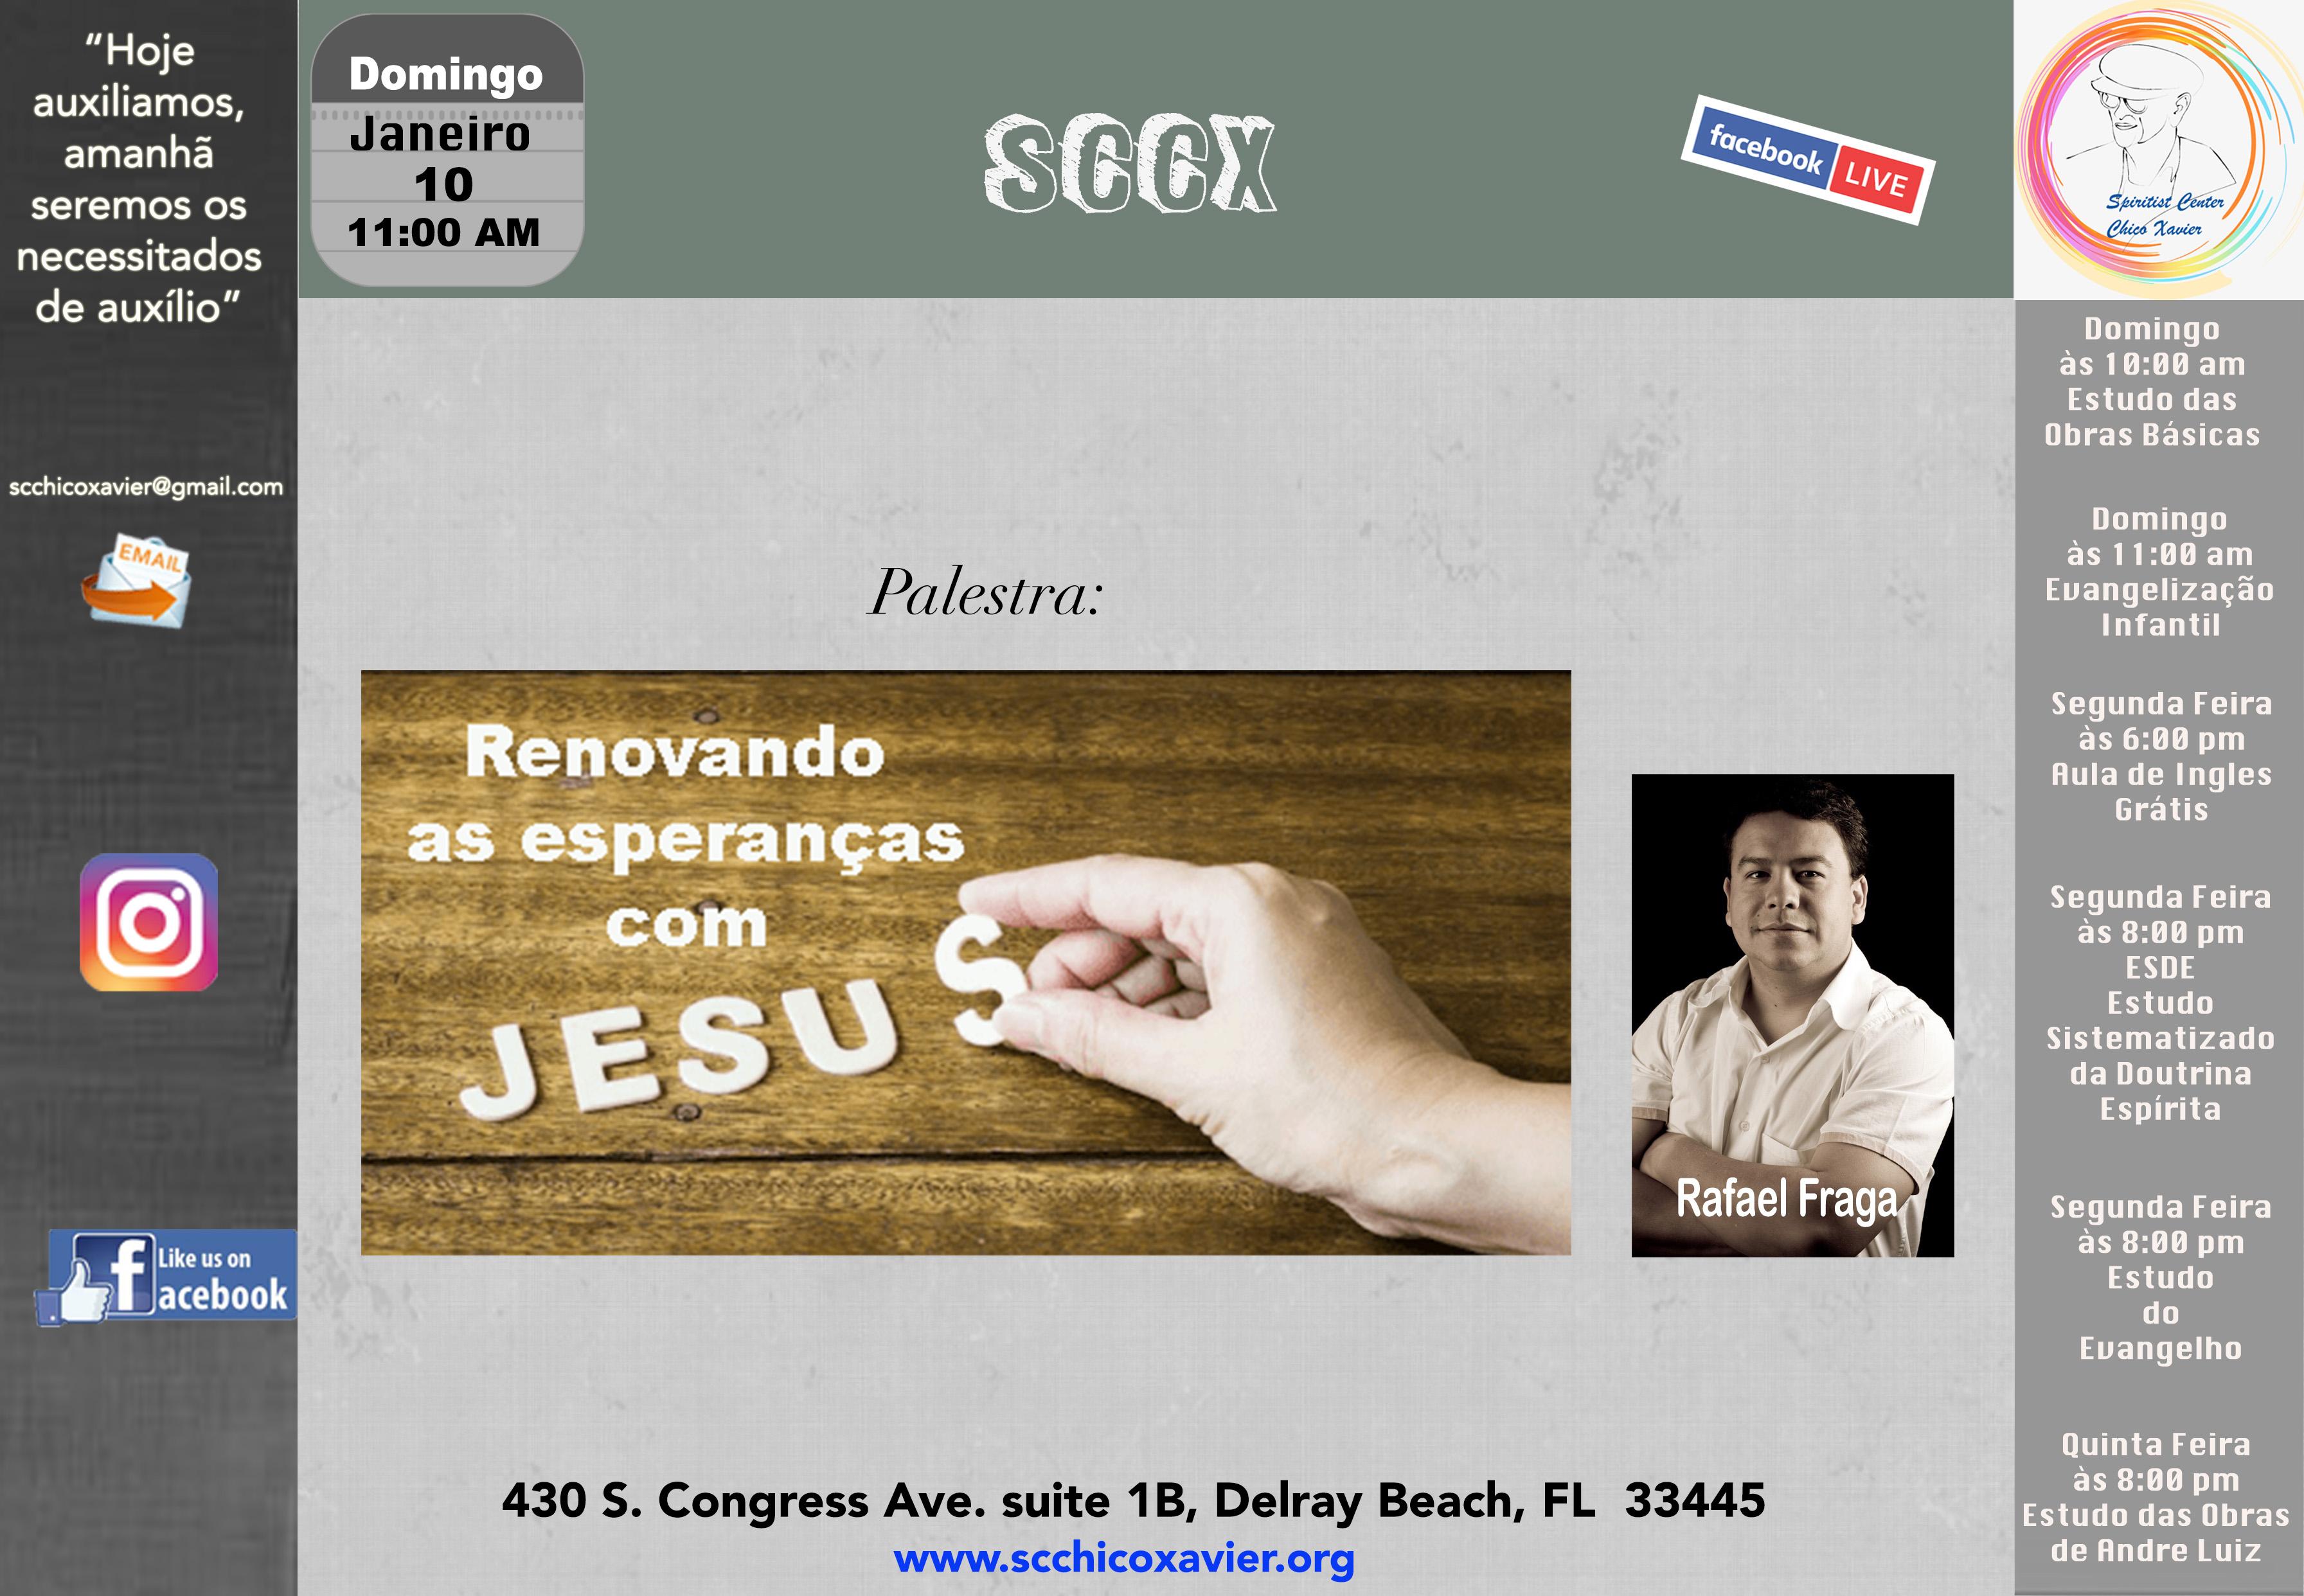 Rafael Fraga - Renovando as esperanças com Jesus